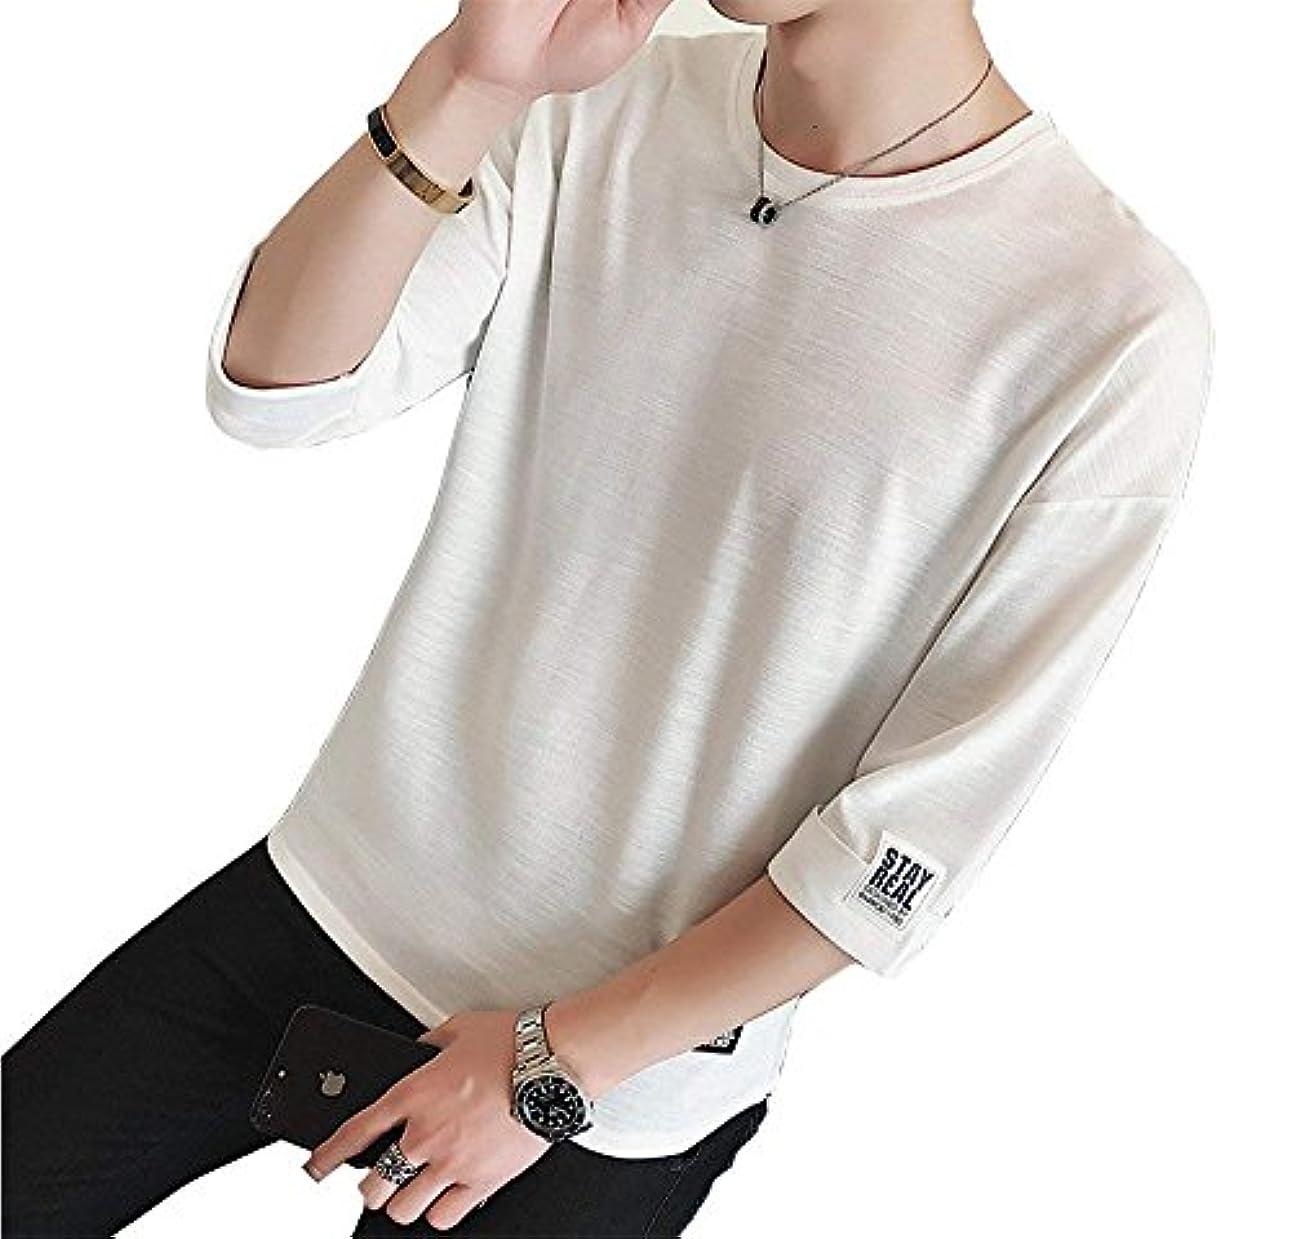 メトロポリタンピアース感心するNEAOD夏服 メンズ Tシャツ 半袖 カットソー 七分袖 五分袖 高品質 おしゃれ 快適な 無地 軽い 柔らかい カジュアルな服装